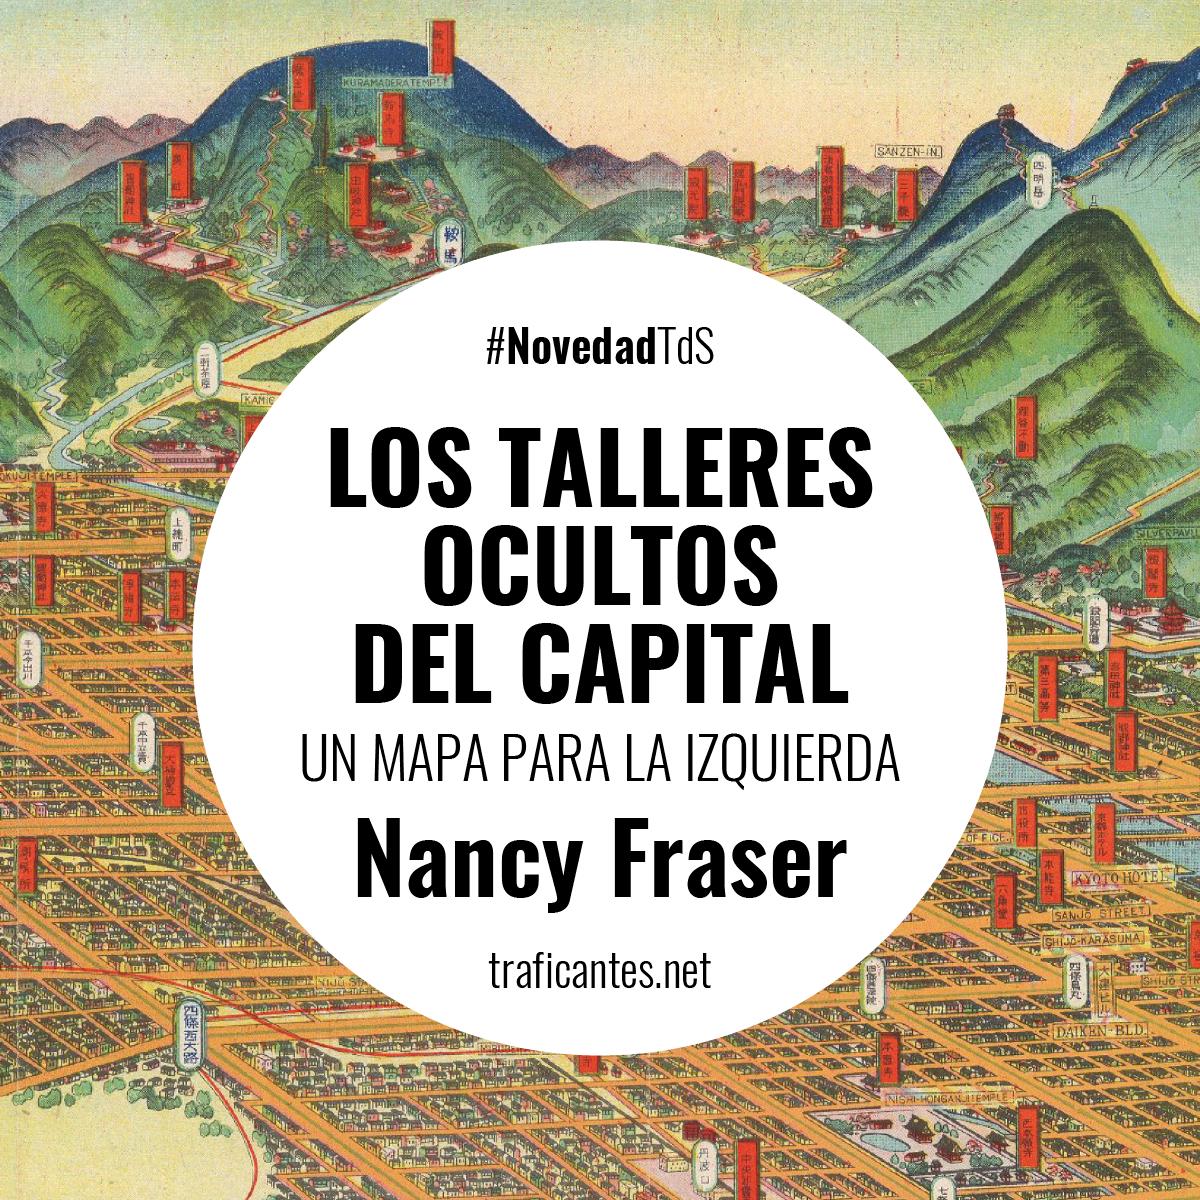 La teoría ampliada del capitalismo de Fraser permite revisitar el legado de Marx con las preguntas feministas, poscoloniales, democráticas y ecologistas propias de una teoría social crítica a la altura del siglo XXI.